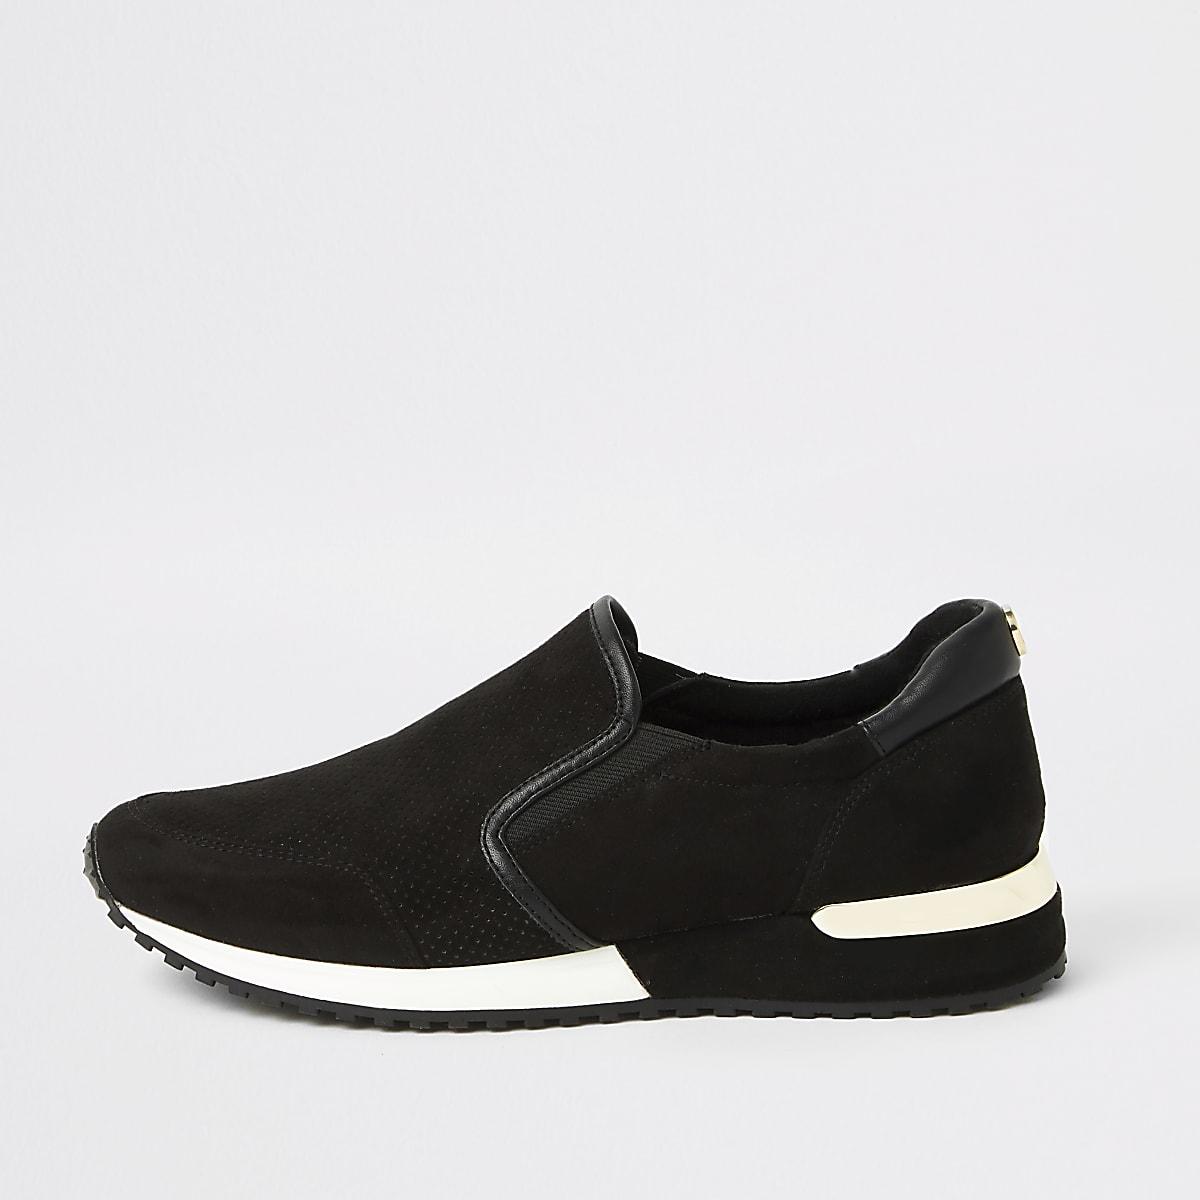 Schwarze, perforierte Laufschuhe